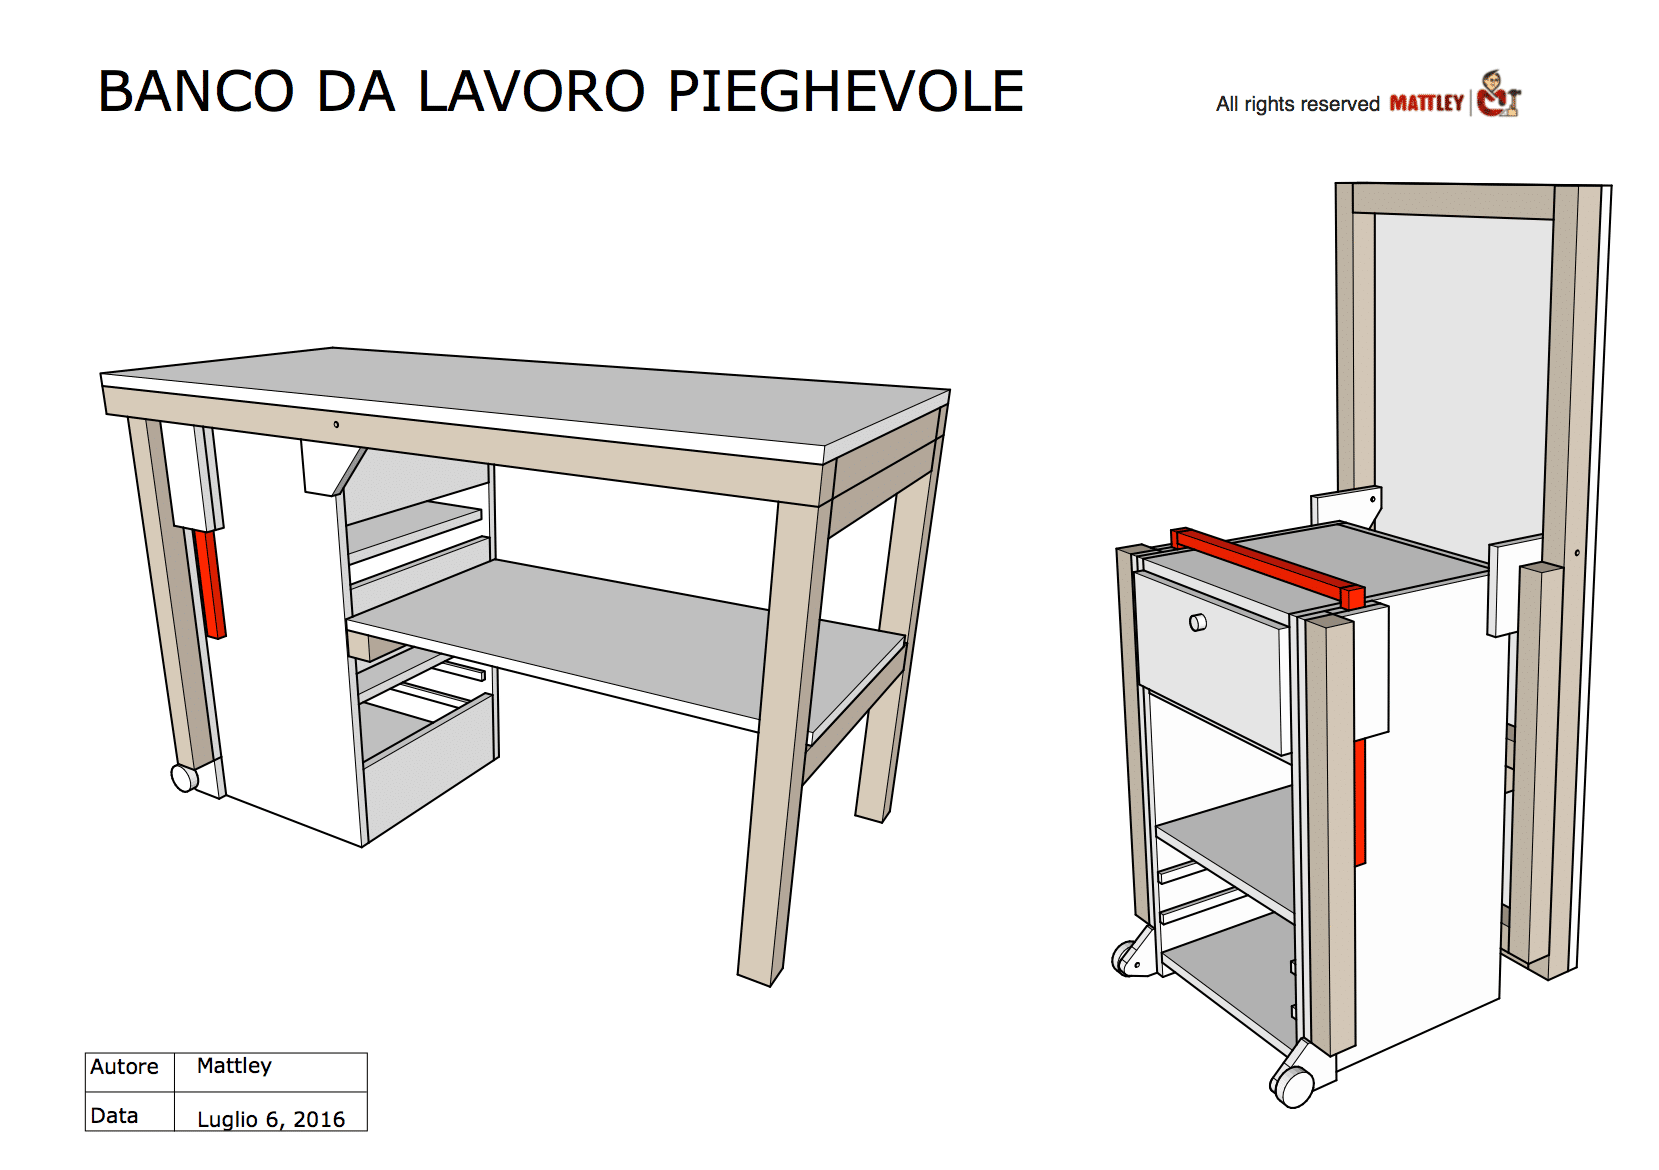 Banco da lavoro pieghevole fai da te come costruirlo for Progetti in legno da realizzare